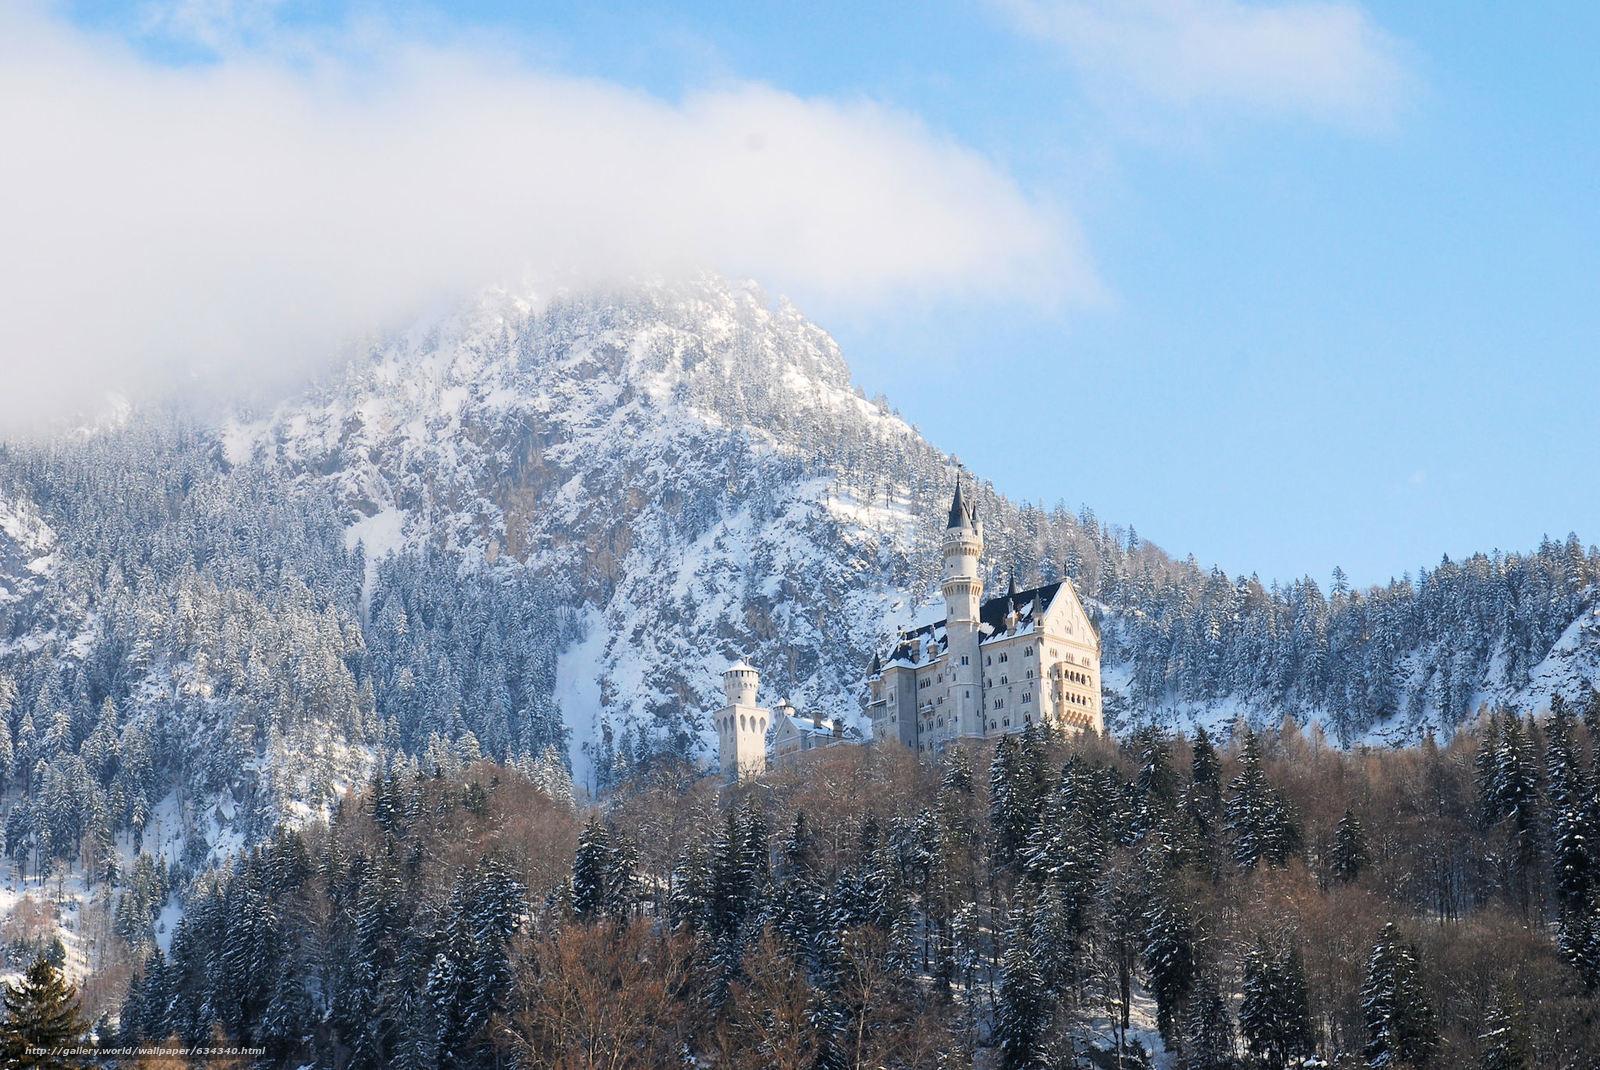 Скачать обои Neuschwanstein Castle,  Bavaria,  Germany,  Замок Нойшванштайн бесплатно для рабочего стола в разрешении 2048x1370 — картинка №634340